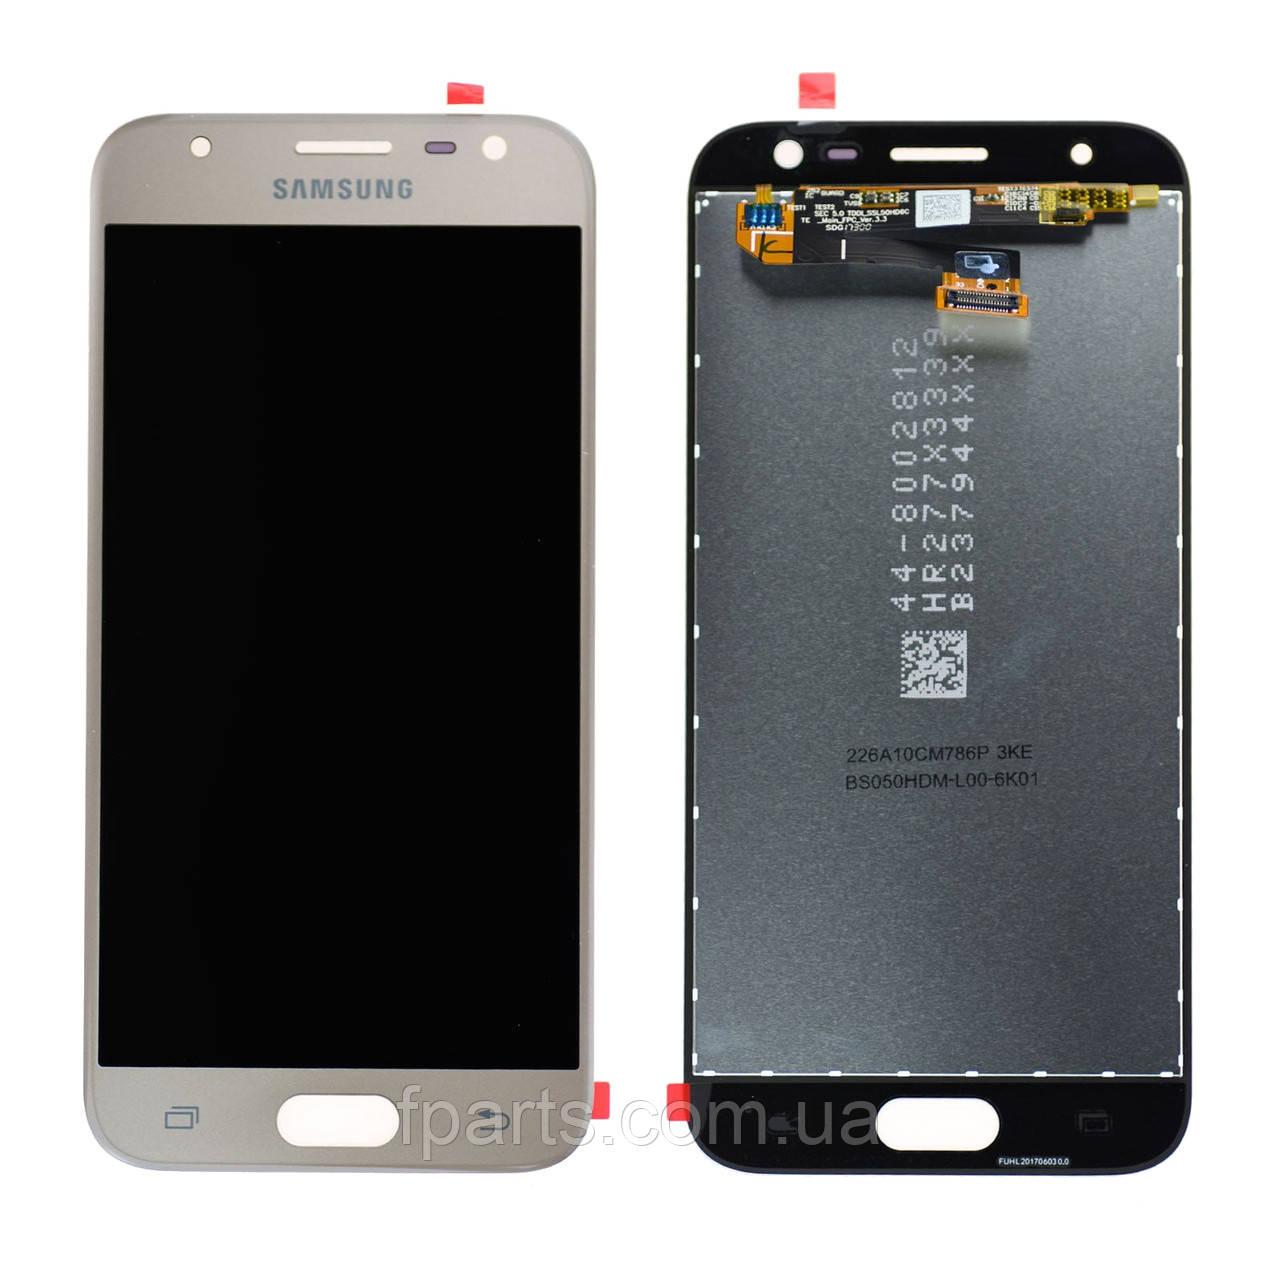 Дисплей для Samsung J330 Galaxy J3 2017 с тачскрином, Gold (Service Pack Original)